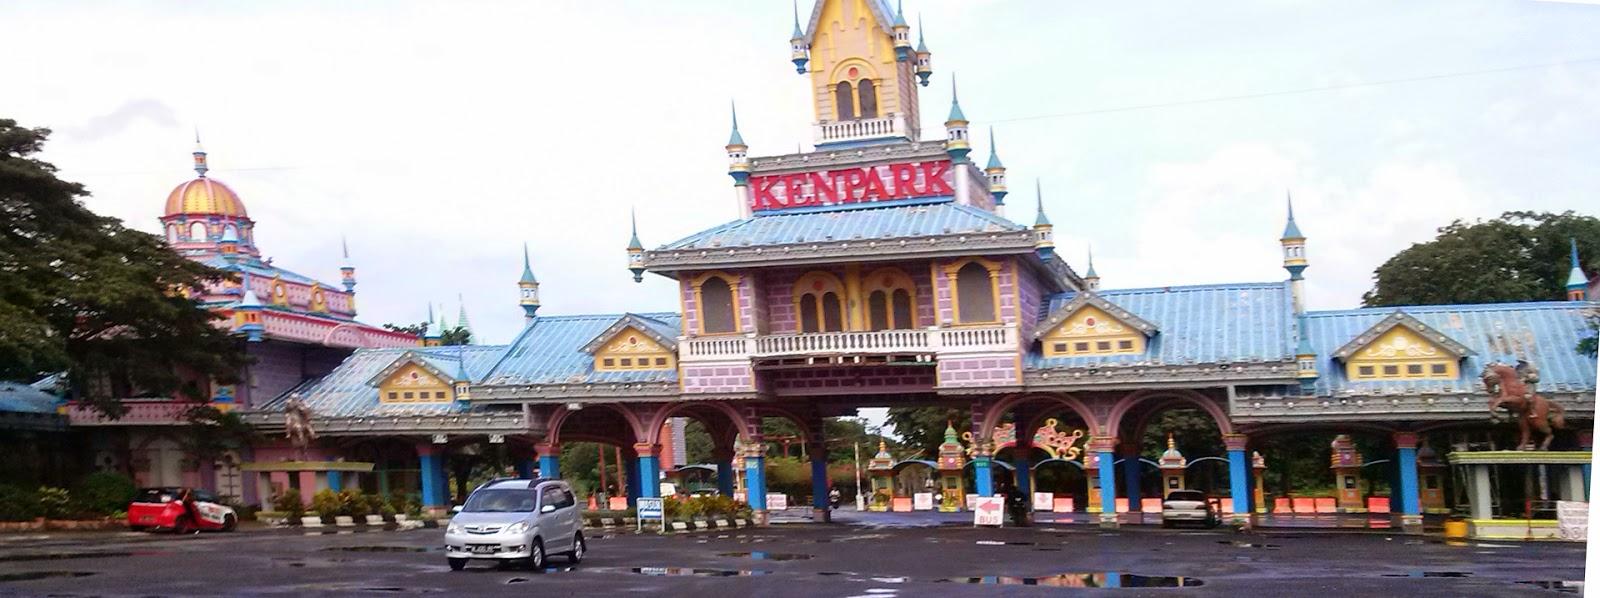 Pantai Kenjeran Kota Surabaya Pemerintah Pun Berupaya Mengembalikan Kepopuleran Membangun